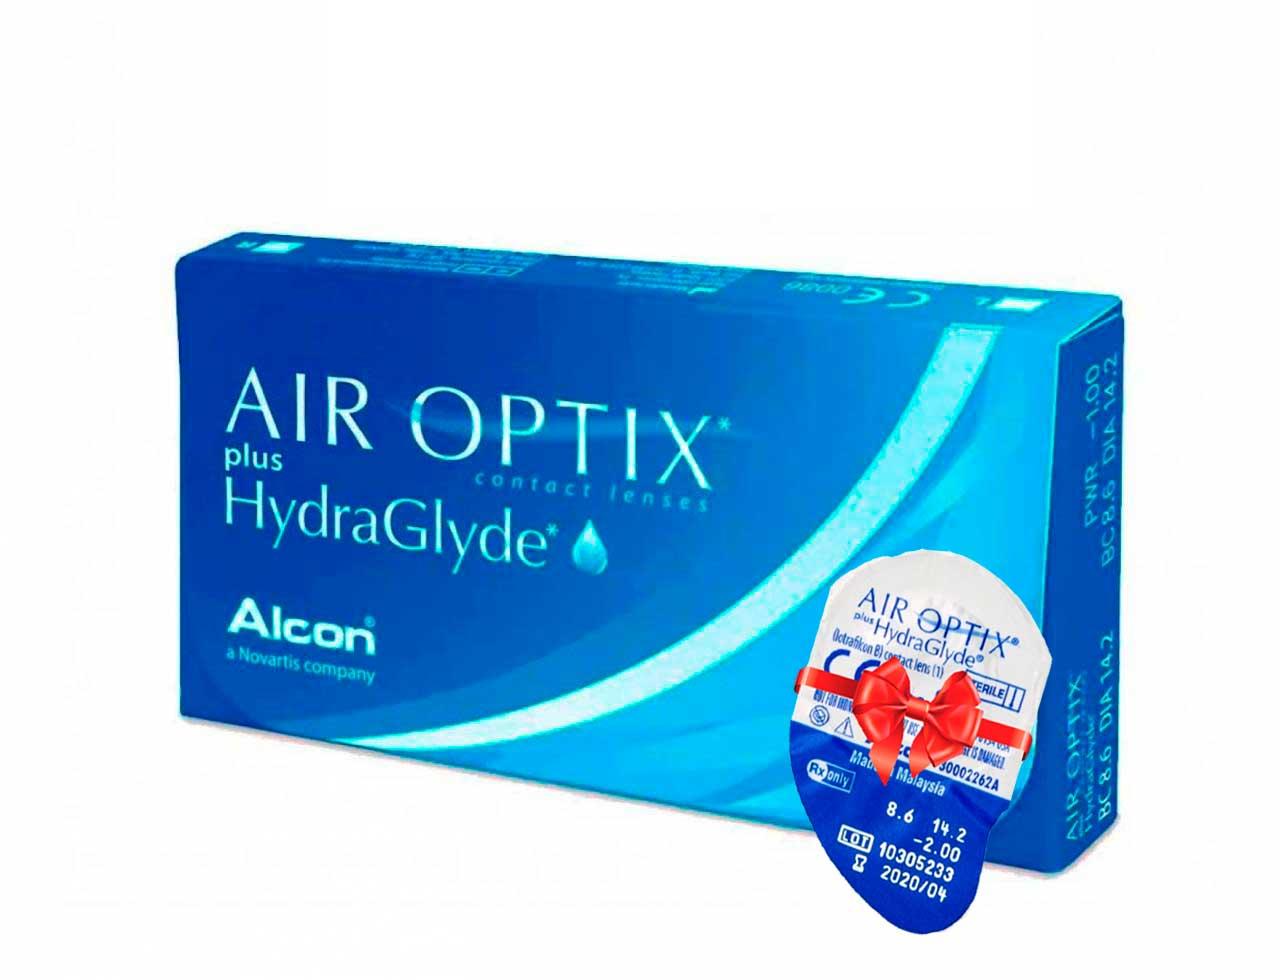 Месячные контактные линзы Alcon Air Optix plus HydraGlyde